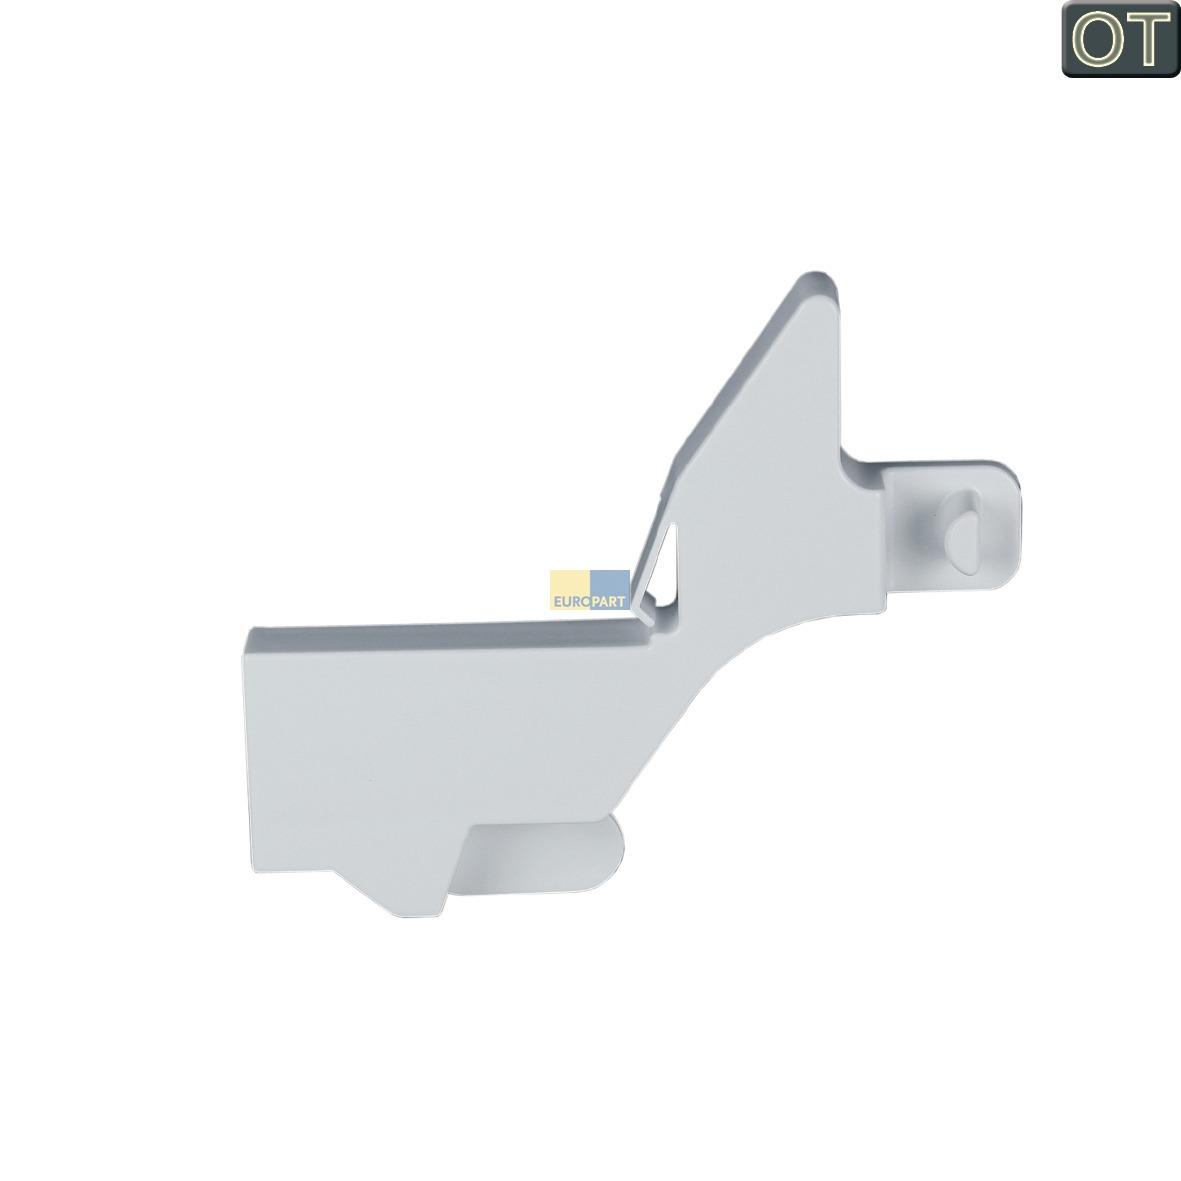 gefrierfachklappenhalter rechts bosch 00657908 ot abea. Black Bedroom Furniture Sets. Home Design Ideas